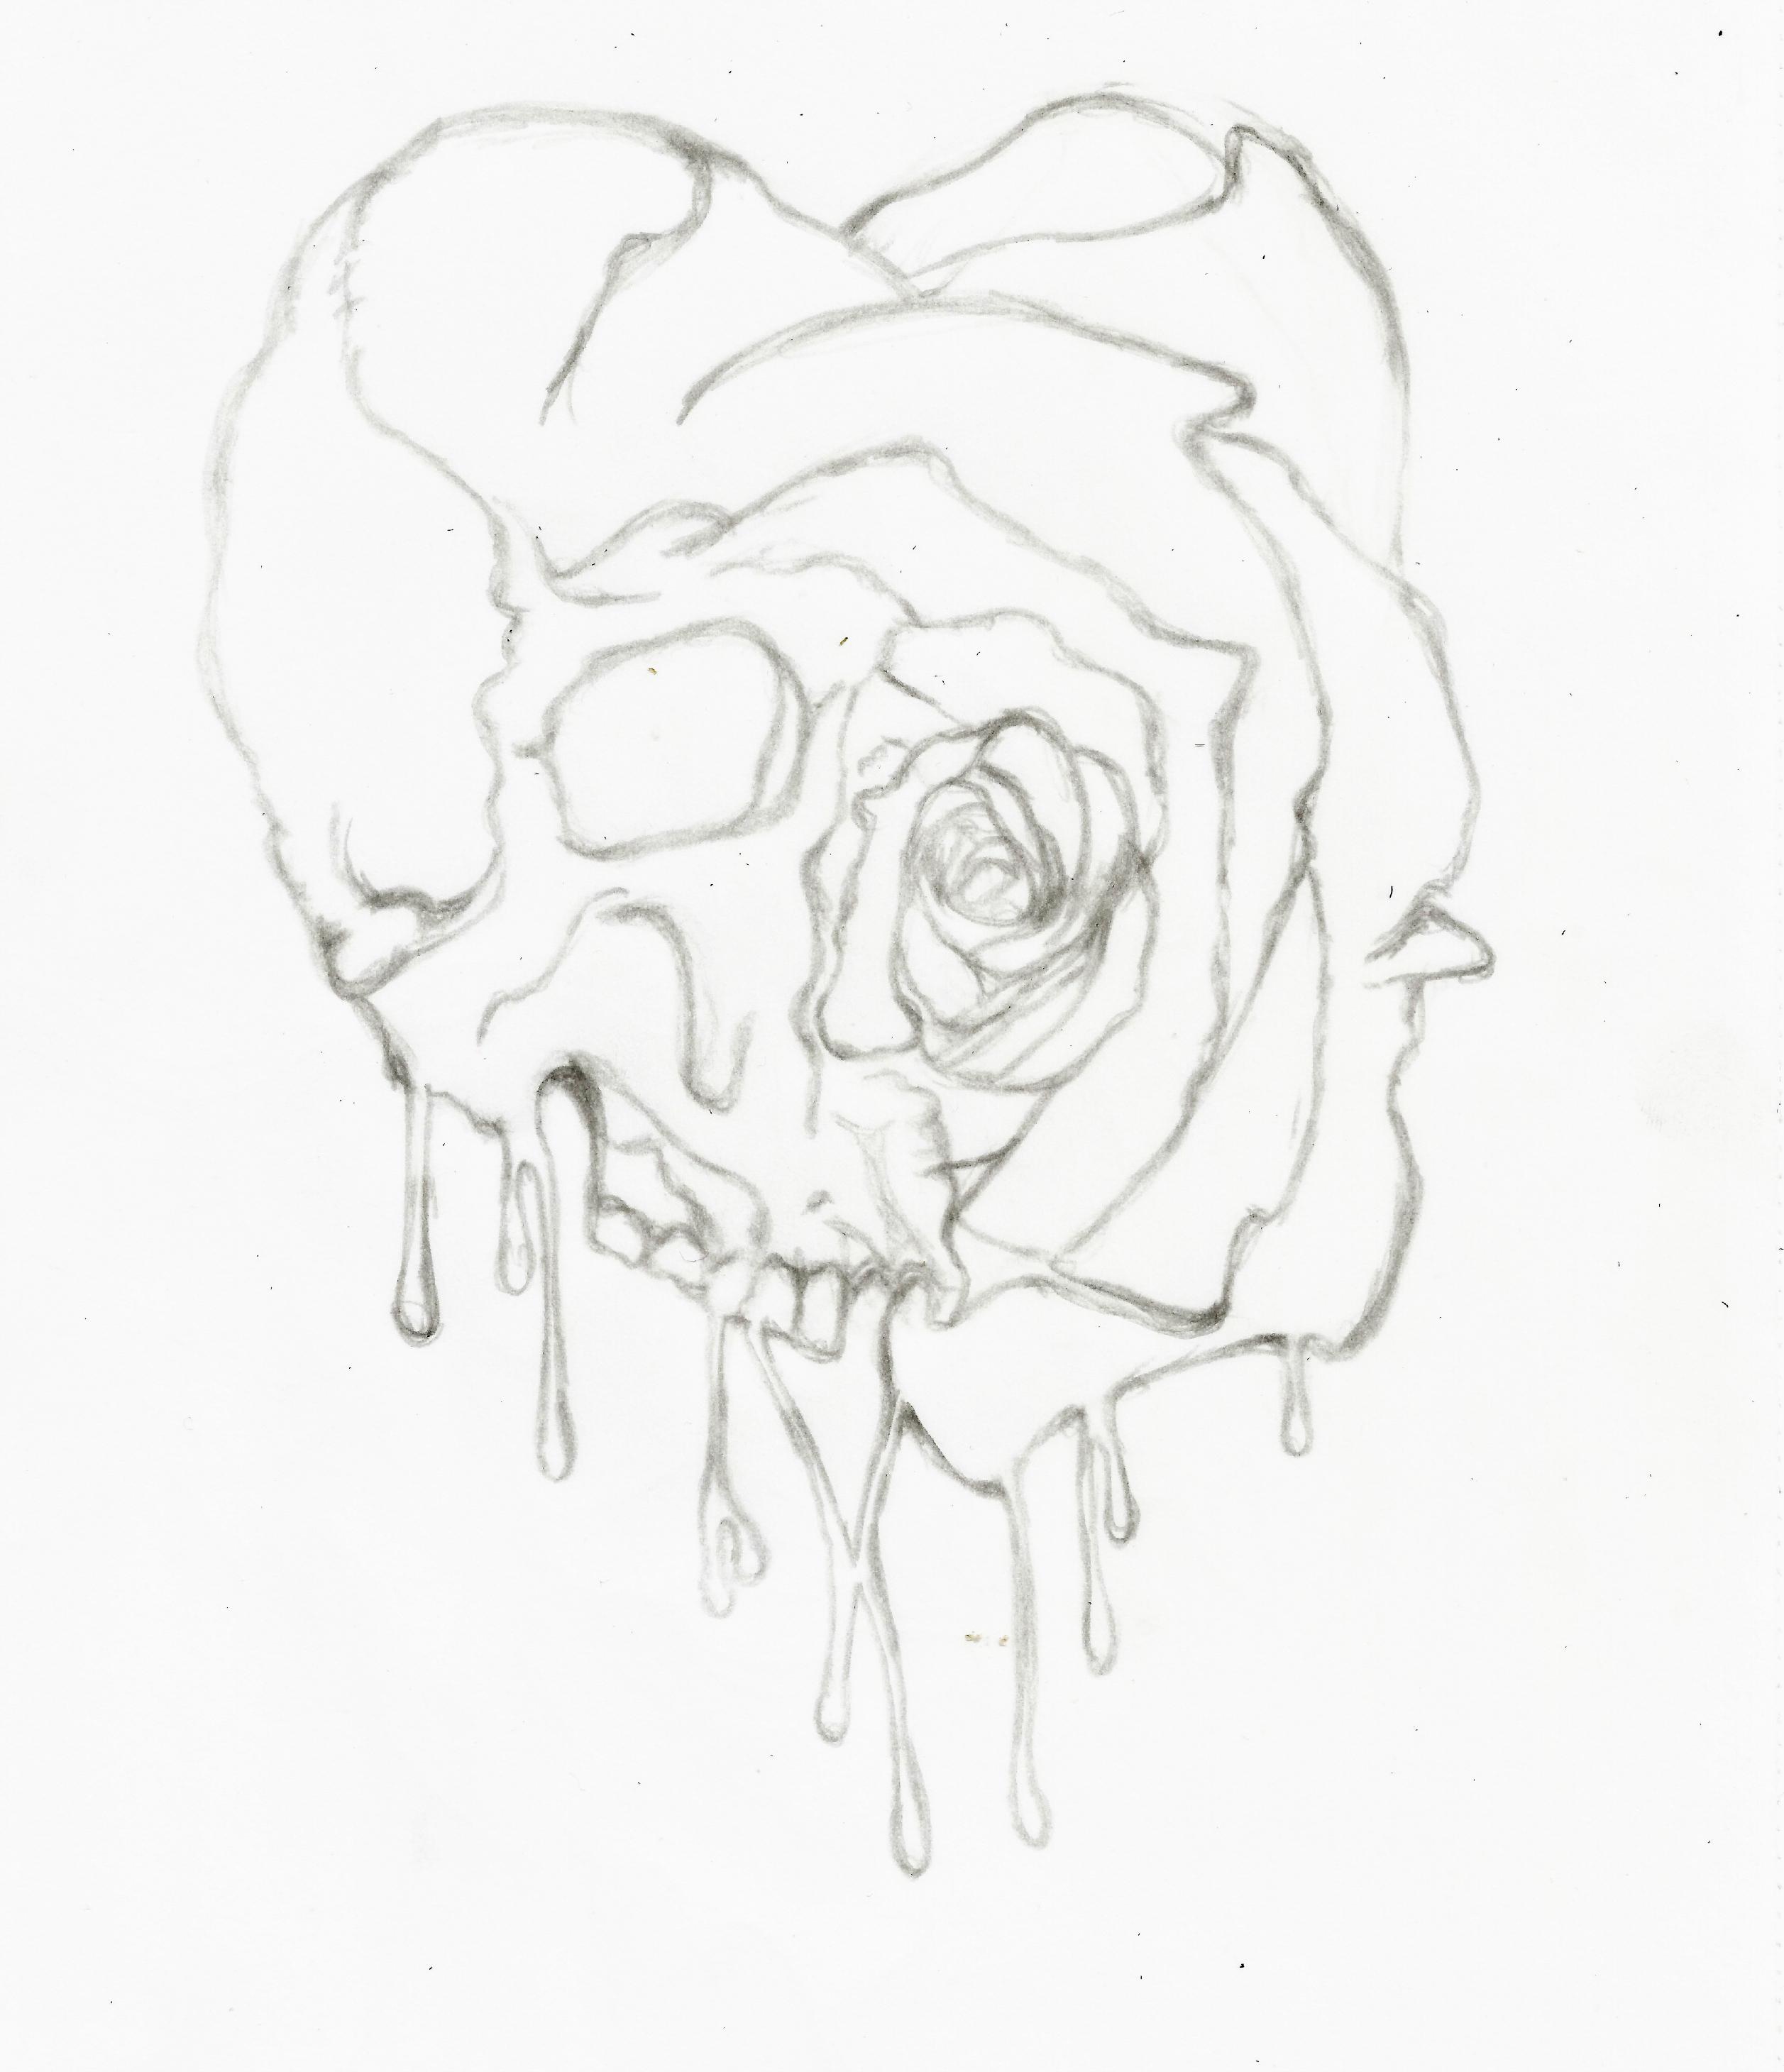 New Tattoo Design (Outline) By Deathlouis On DeviantArt